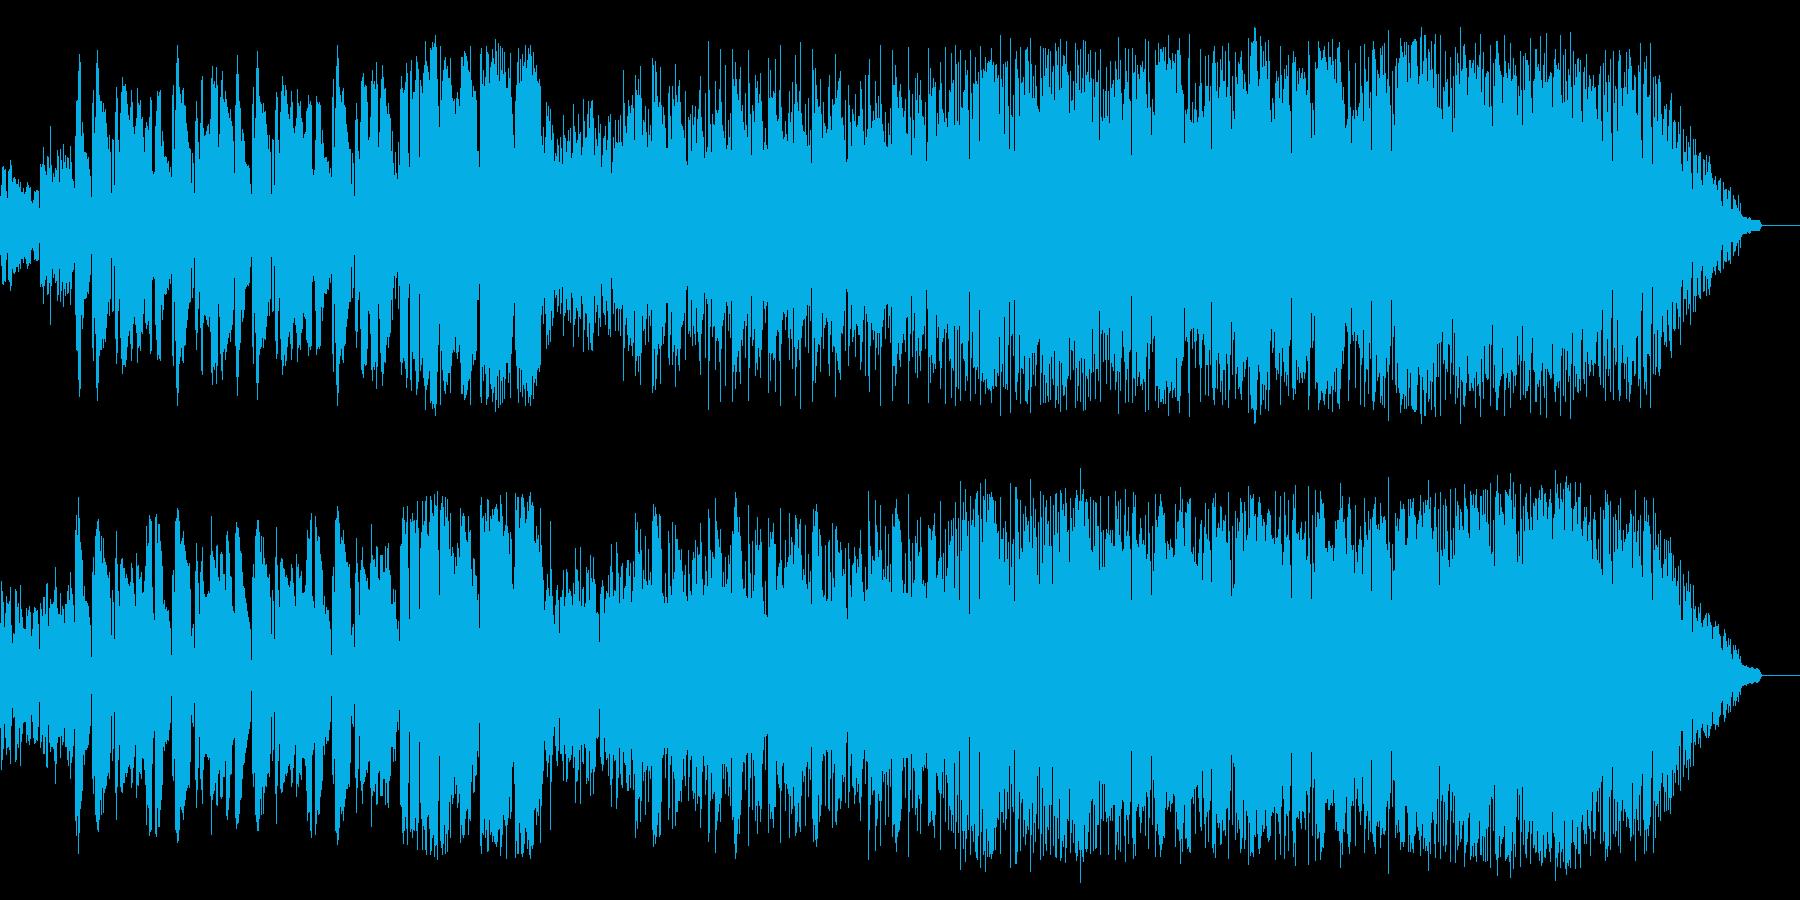 サックス、エレキが奏でる哀愁のブルースの再生済みの波形